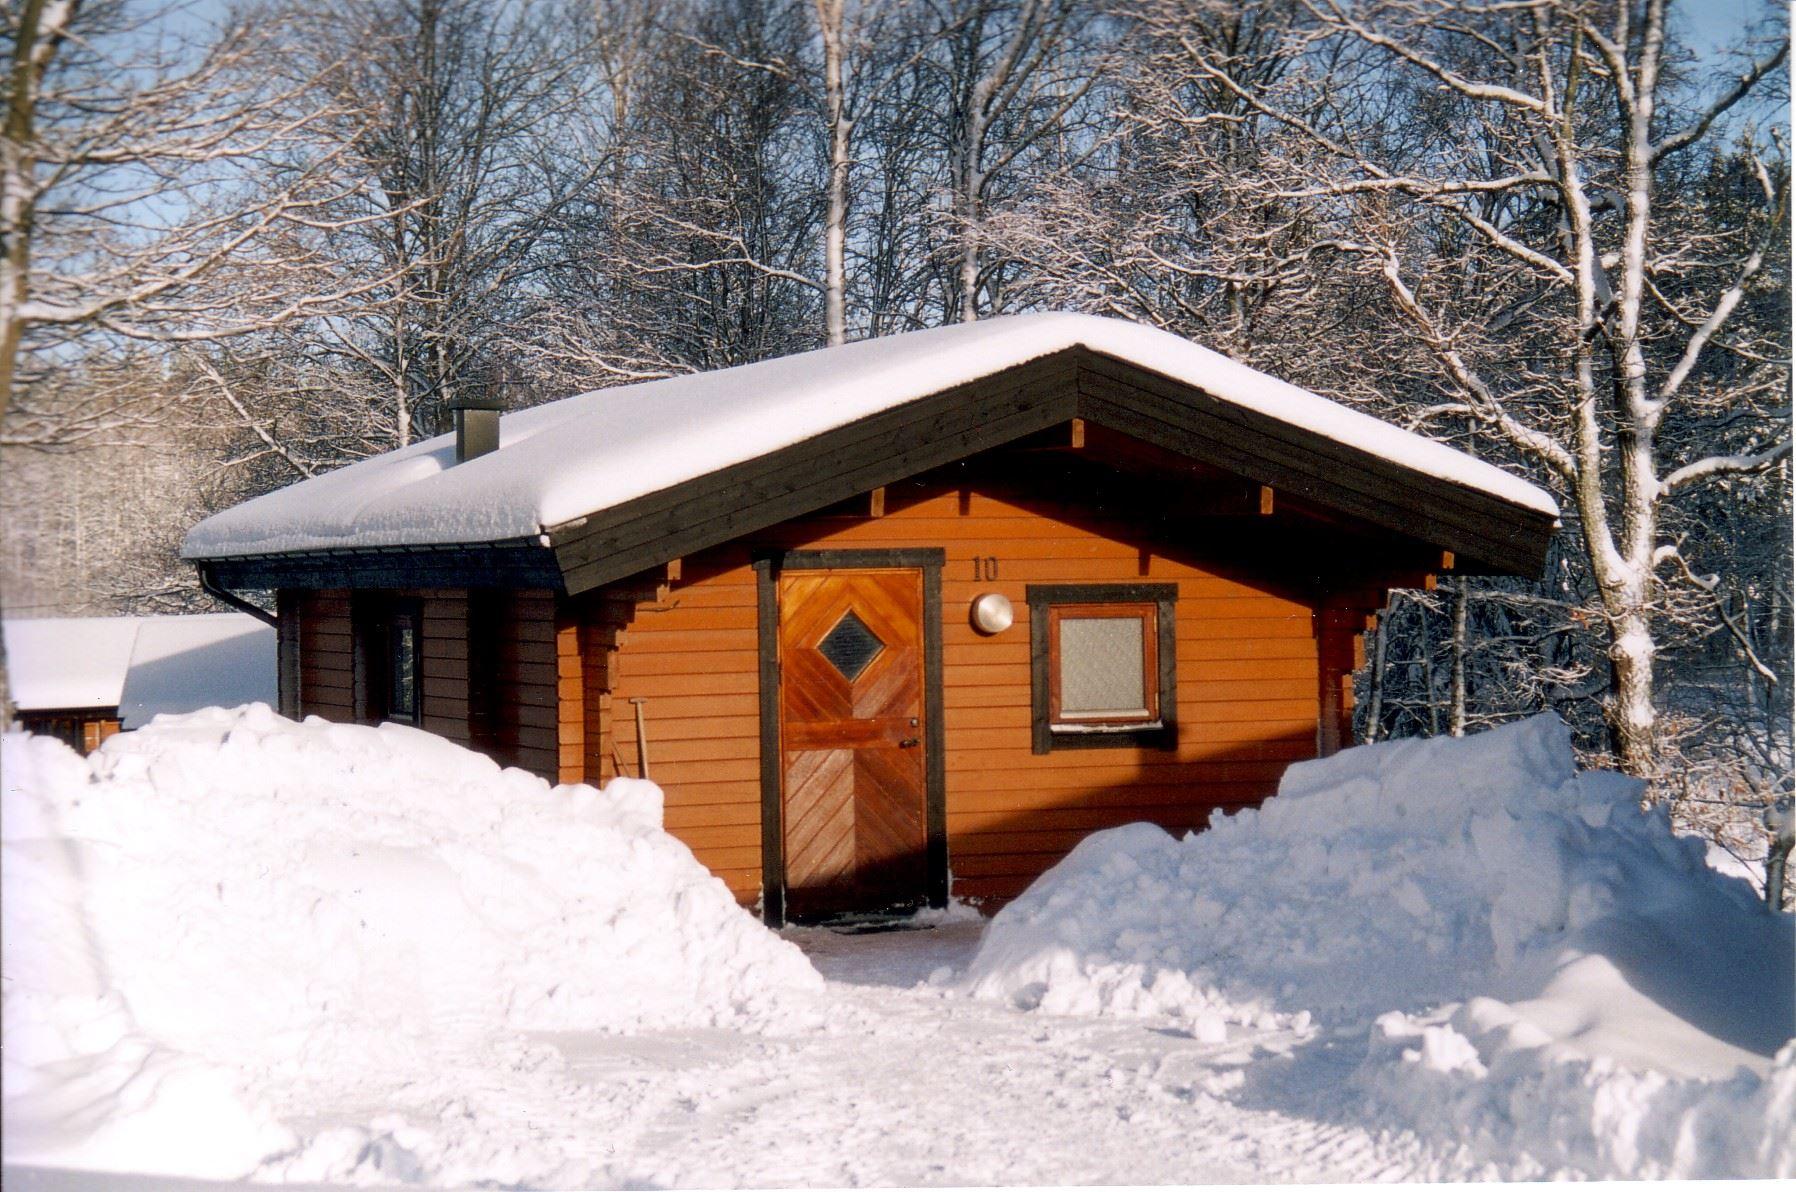 Billingen Stugby & Camping, Skövde